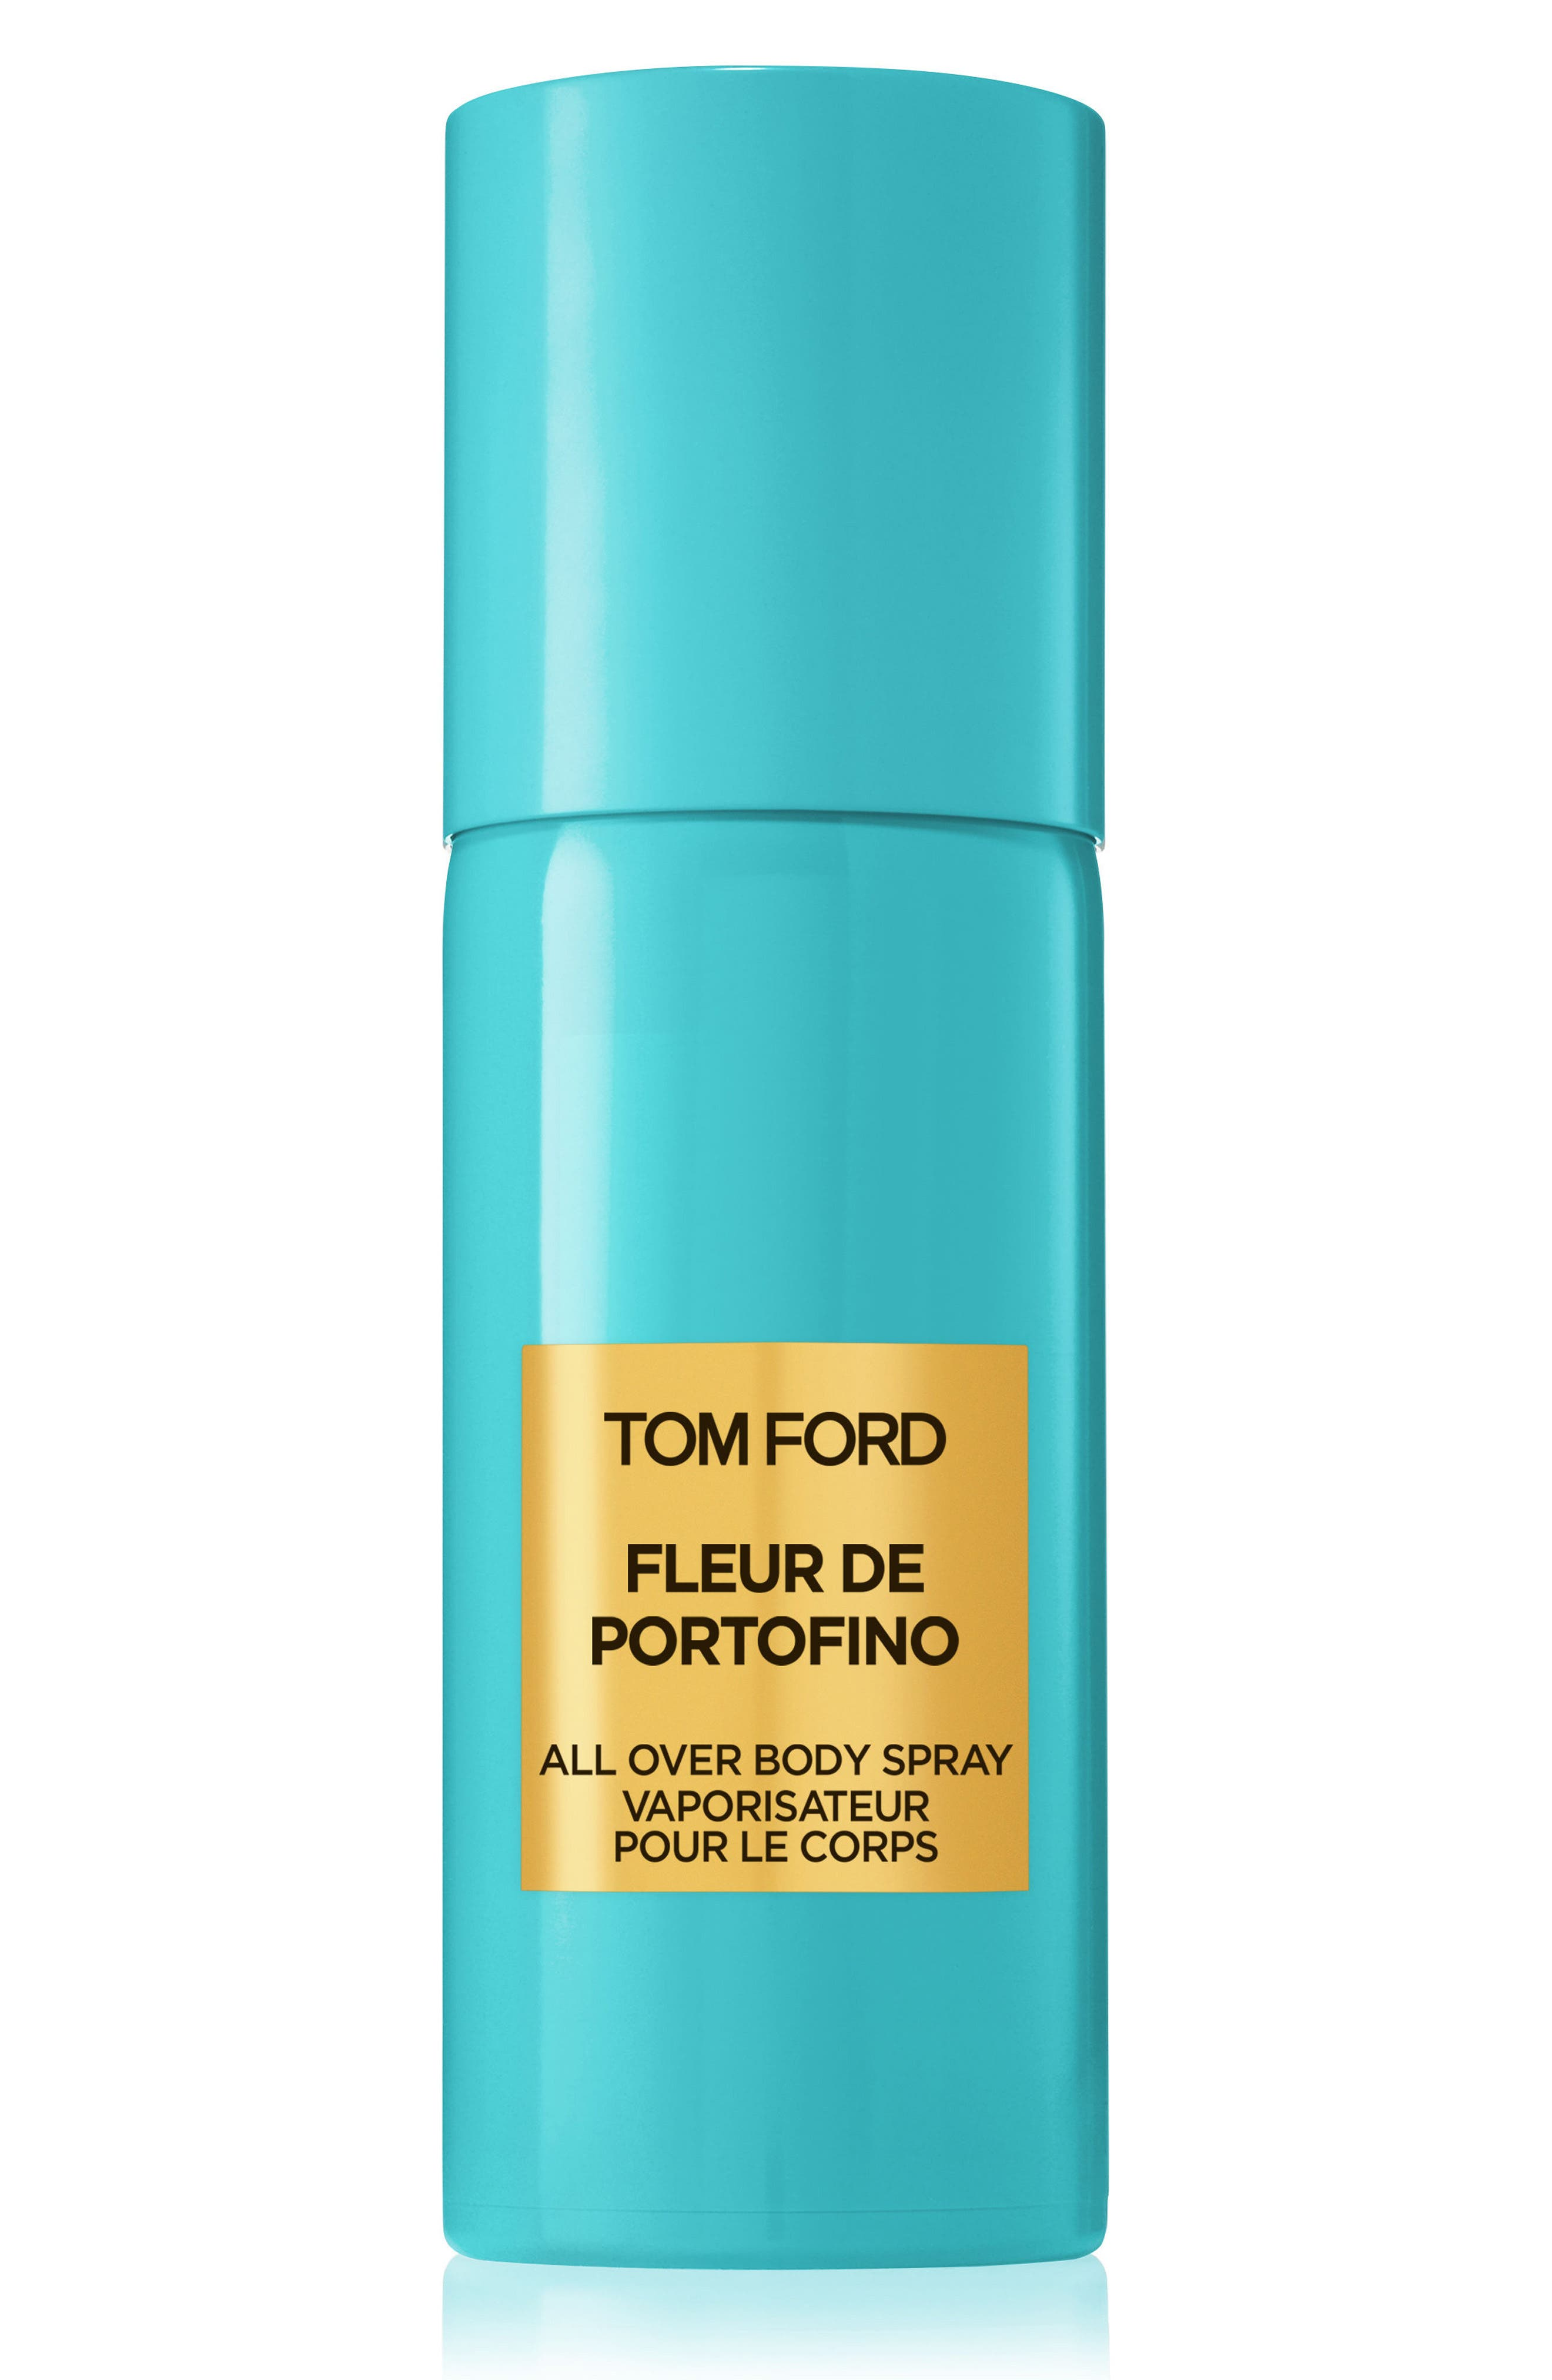 Main Image - Tom Ford Private Blend Fleur de Portofino Eau de Parfum All Over Body Spray